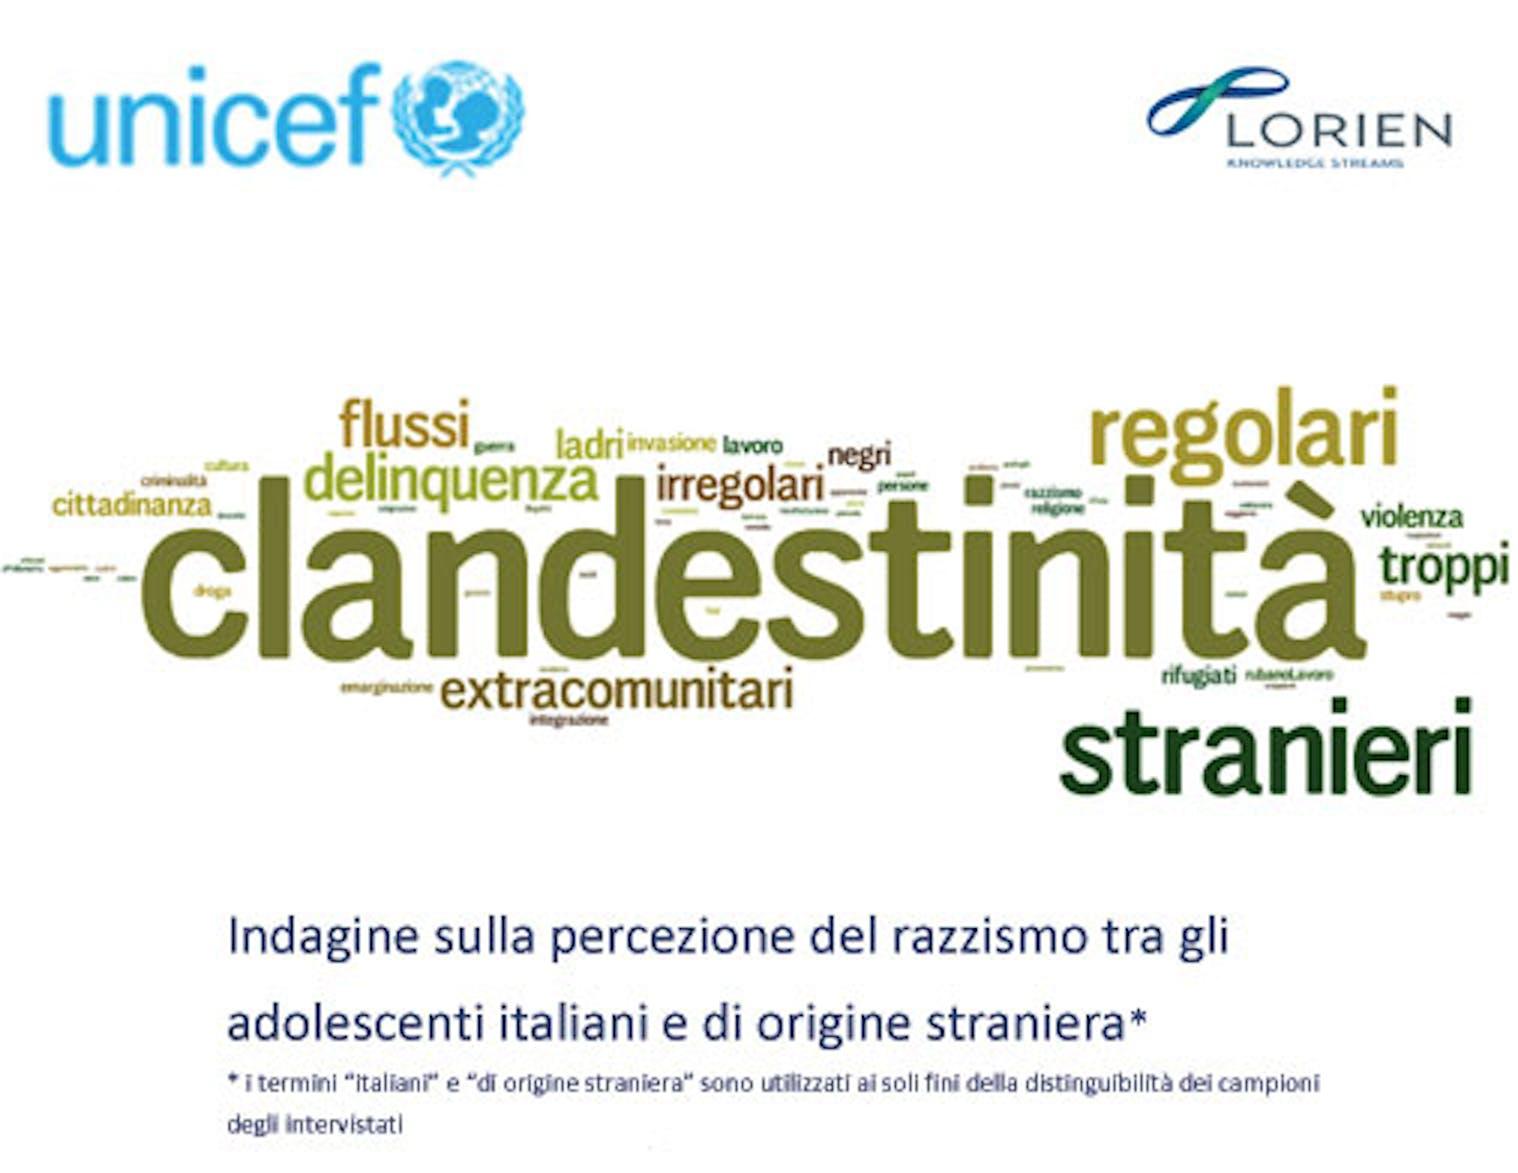 Indagine sulla percezione del razzismo tra gli adolescenti italiani e di origine straniera